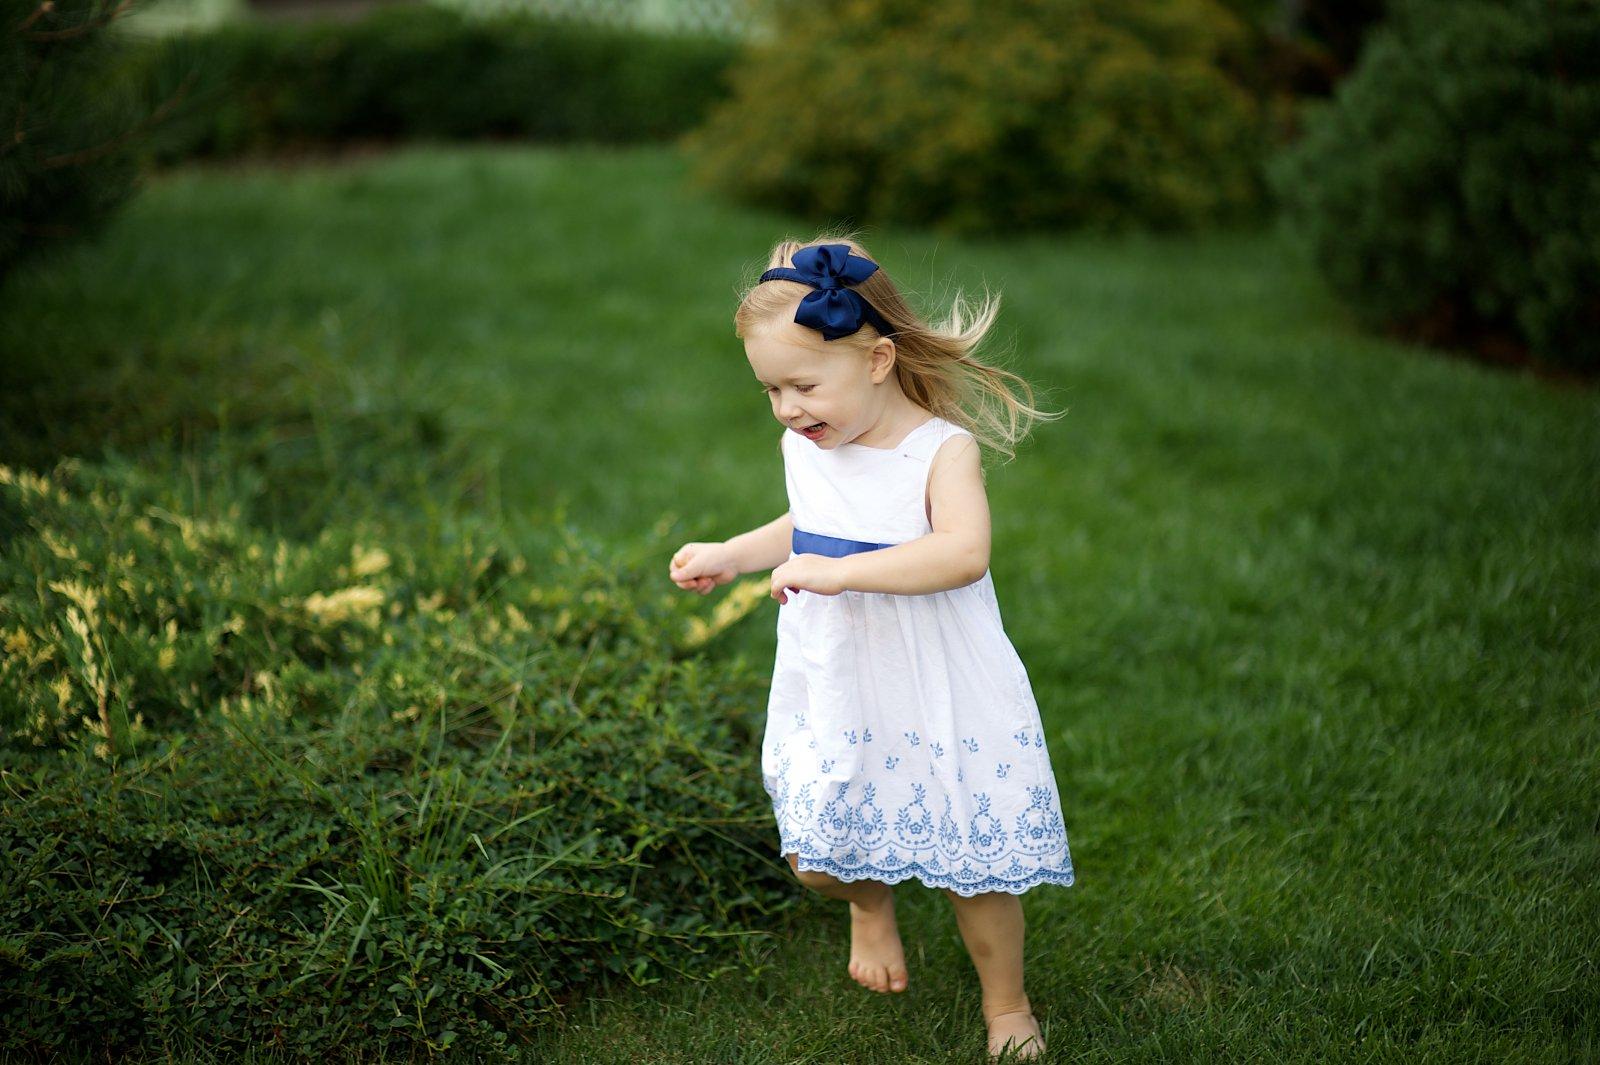 Выкладывать ли фото детей в контакт? 17